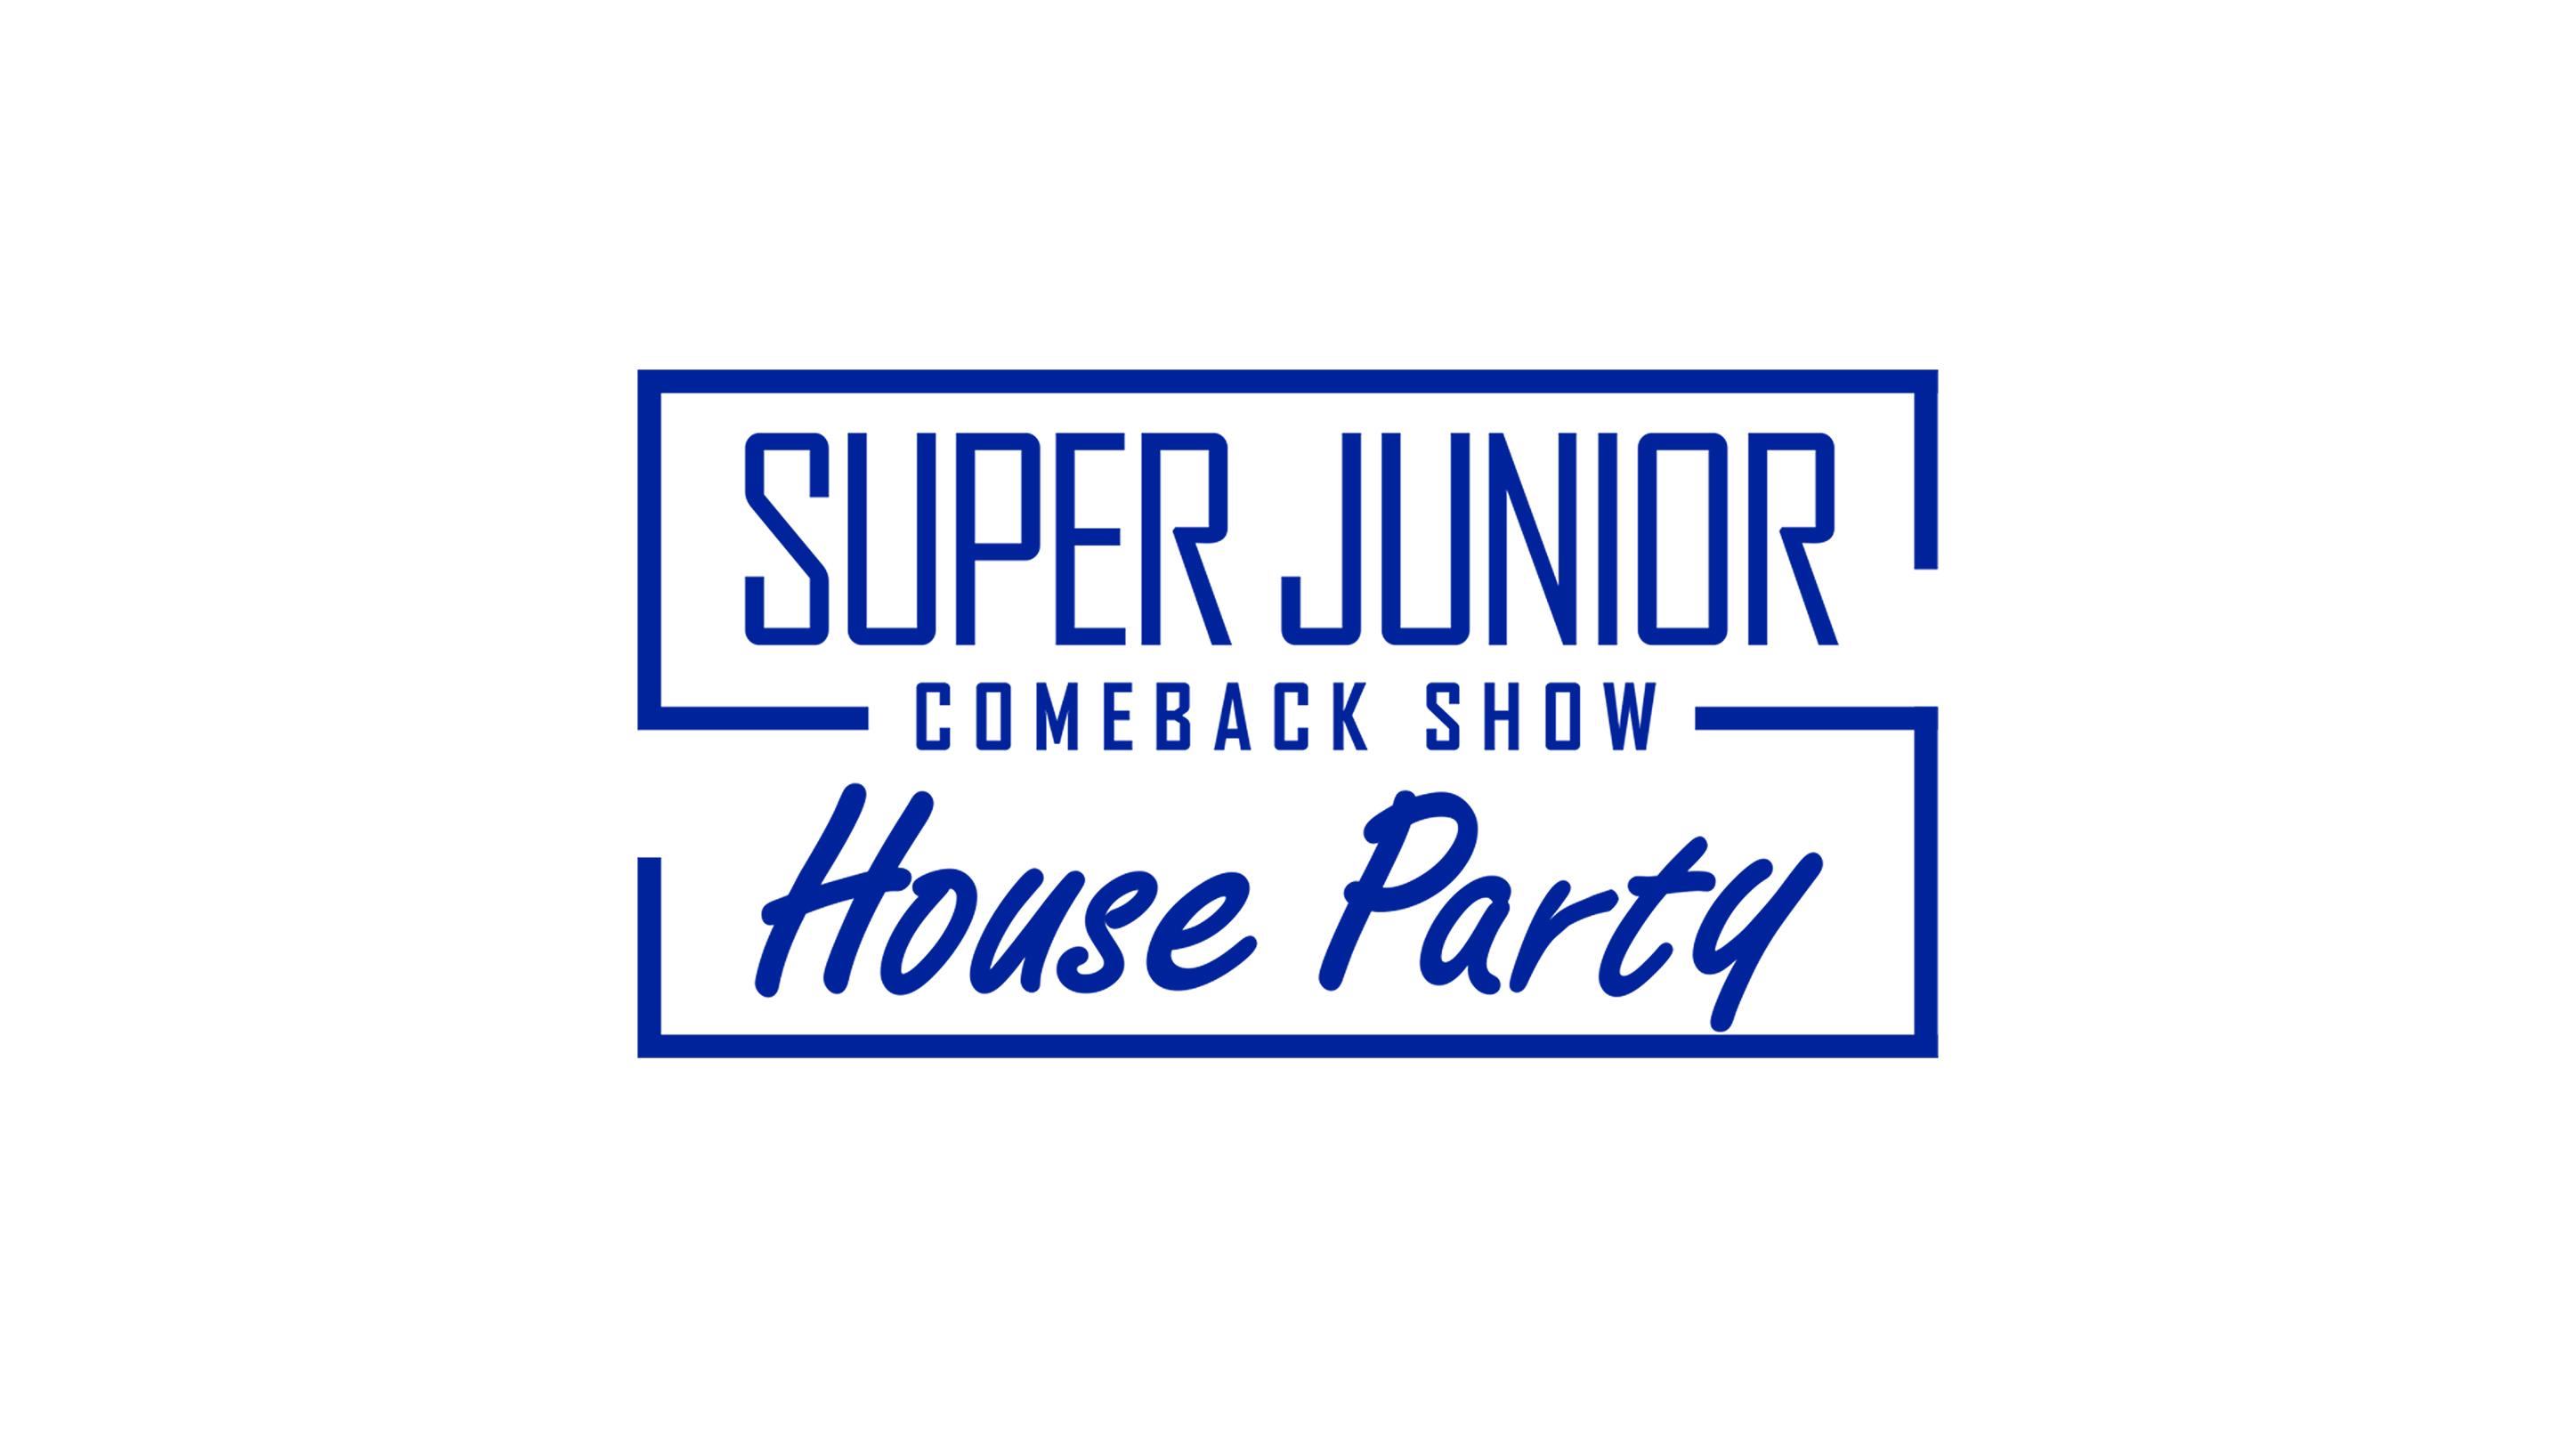 大反響を呼んだSUPER JUNIORのカムバックスペシャル番組!早くも日本語字幕版をオンエア!「SUPER JUNIOR COMEBACK SHOW <House Party>字幕版」5月5日 18:00~ 日本初放送!